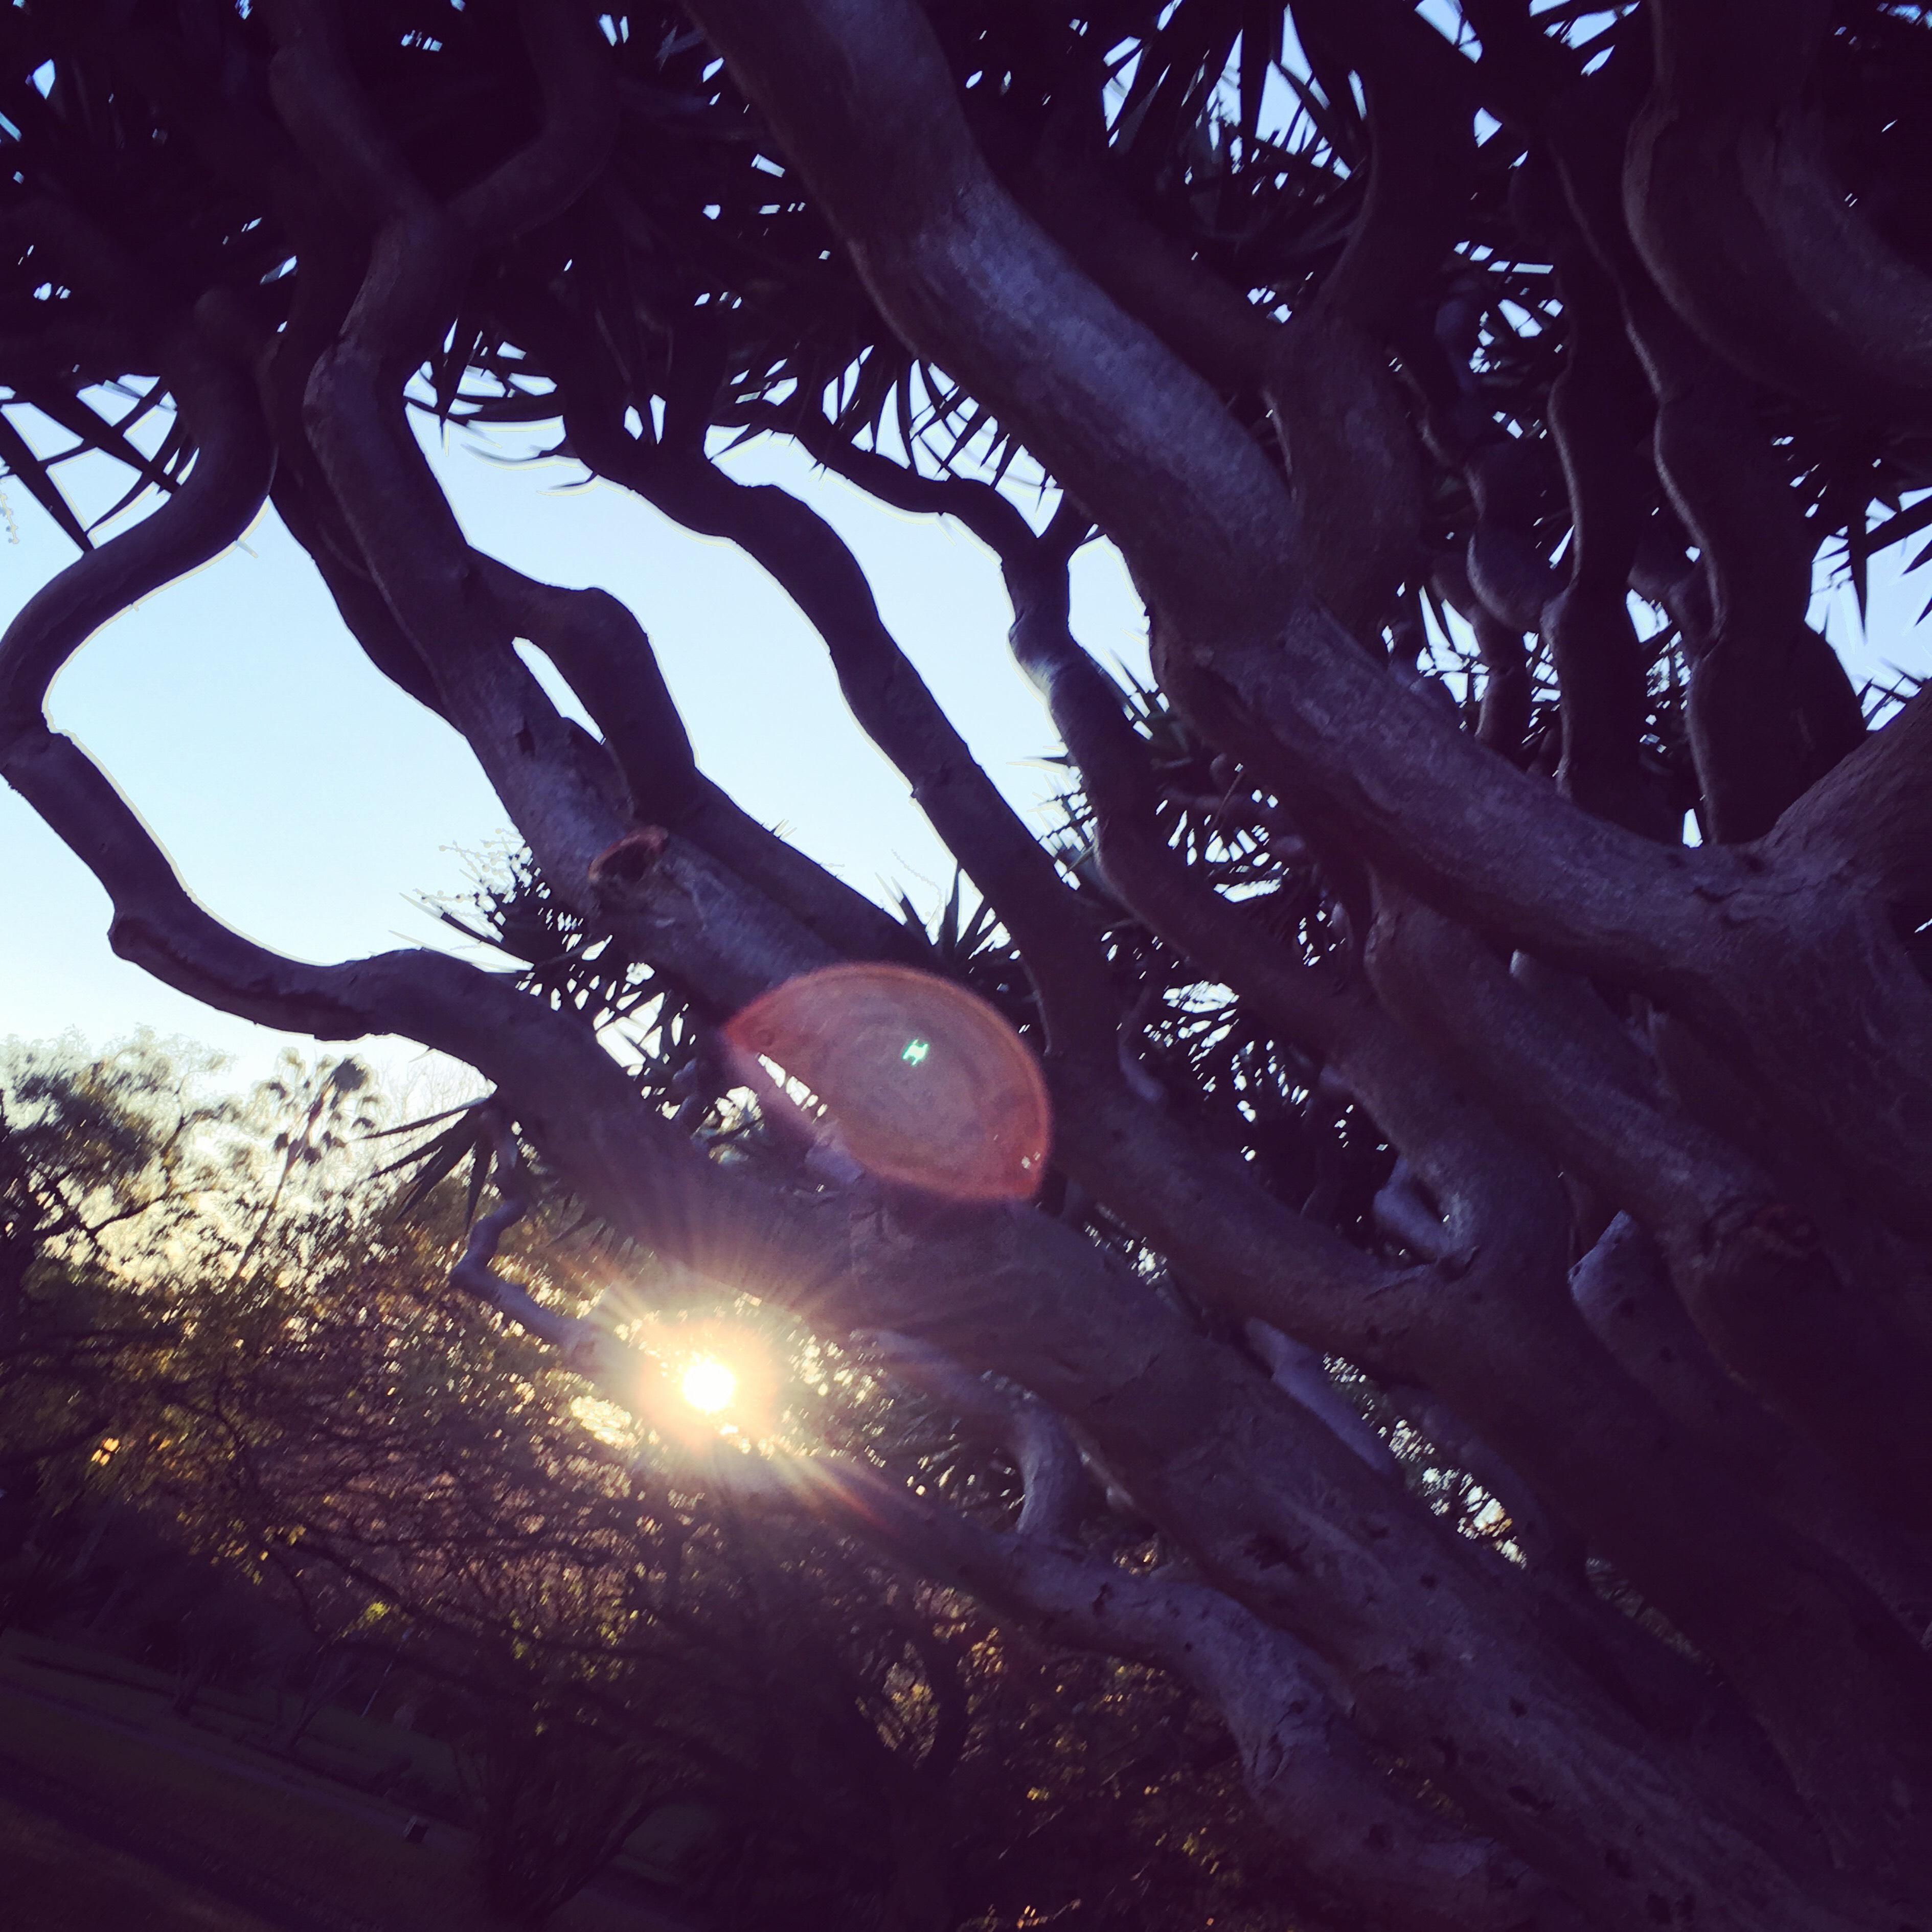 Trees in callum park